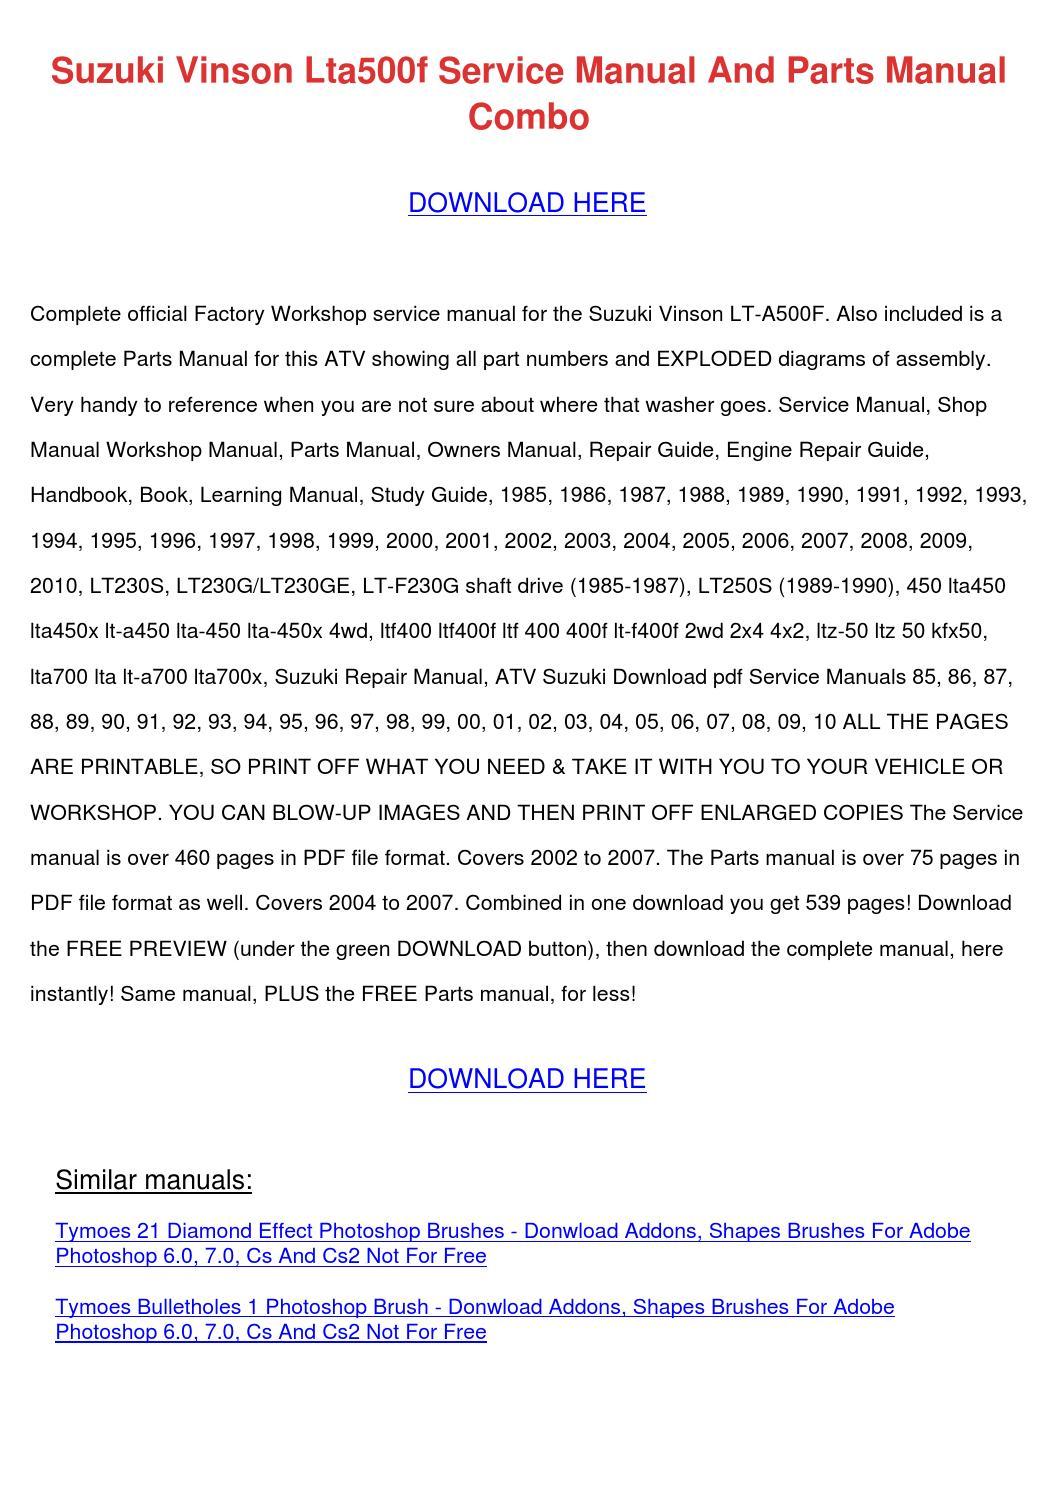 Suzuki Vinson Lta500f Service Manual And Part By